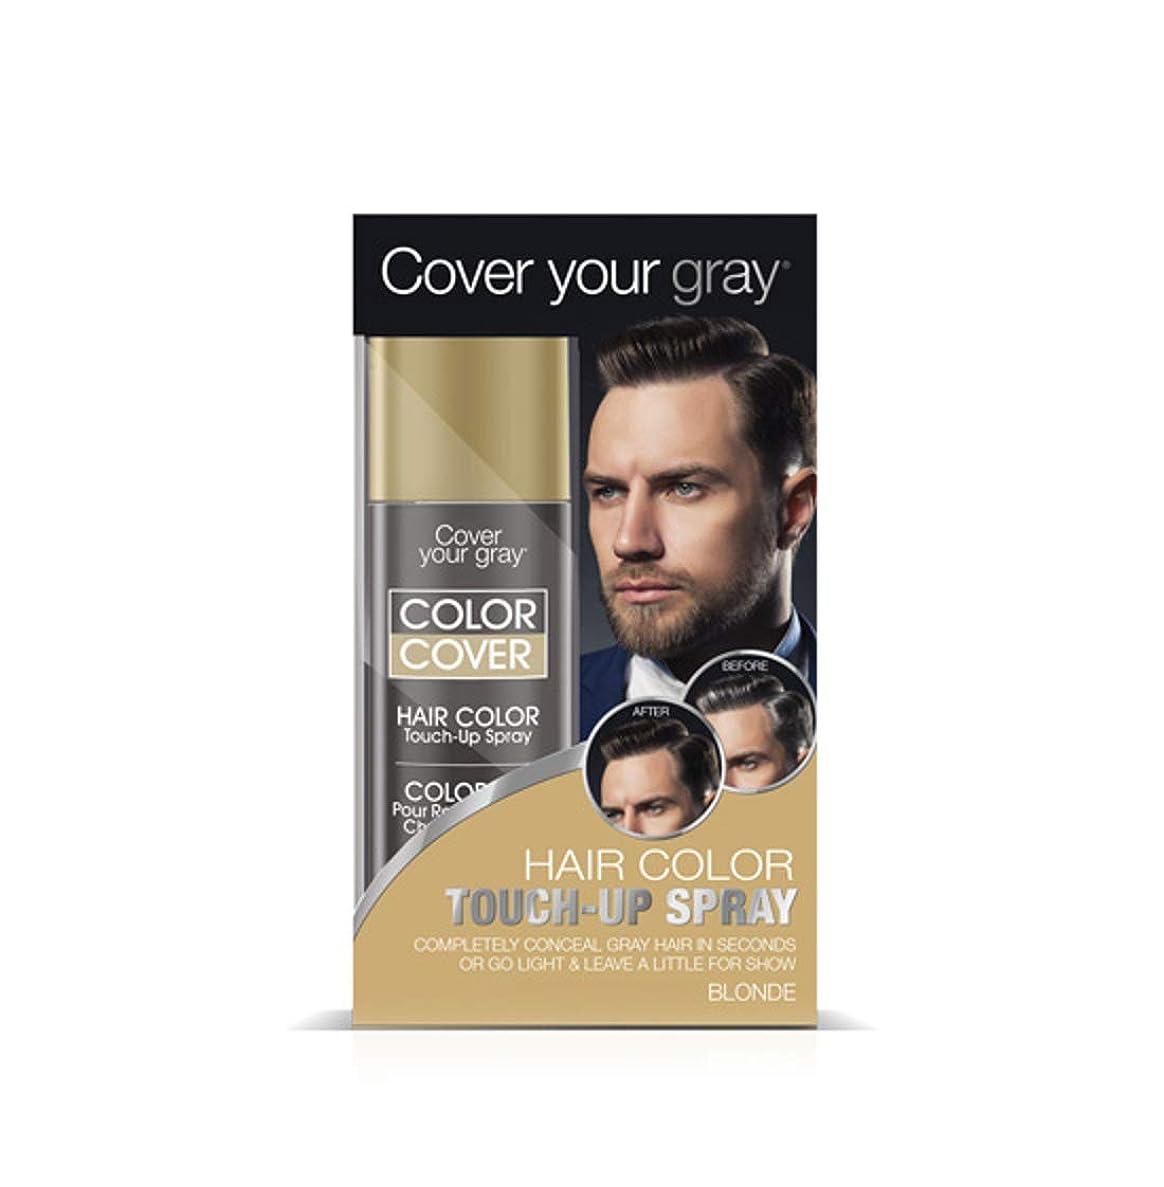 散髪ペット隔離Cover Your Gray メンズカラーカバータッチアップスプレー - ブロンド(4パック)